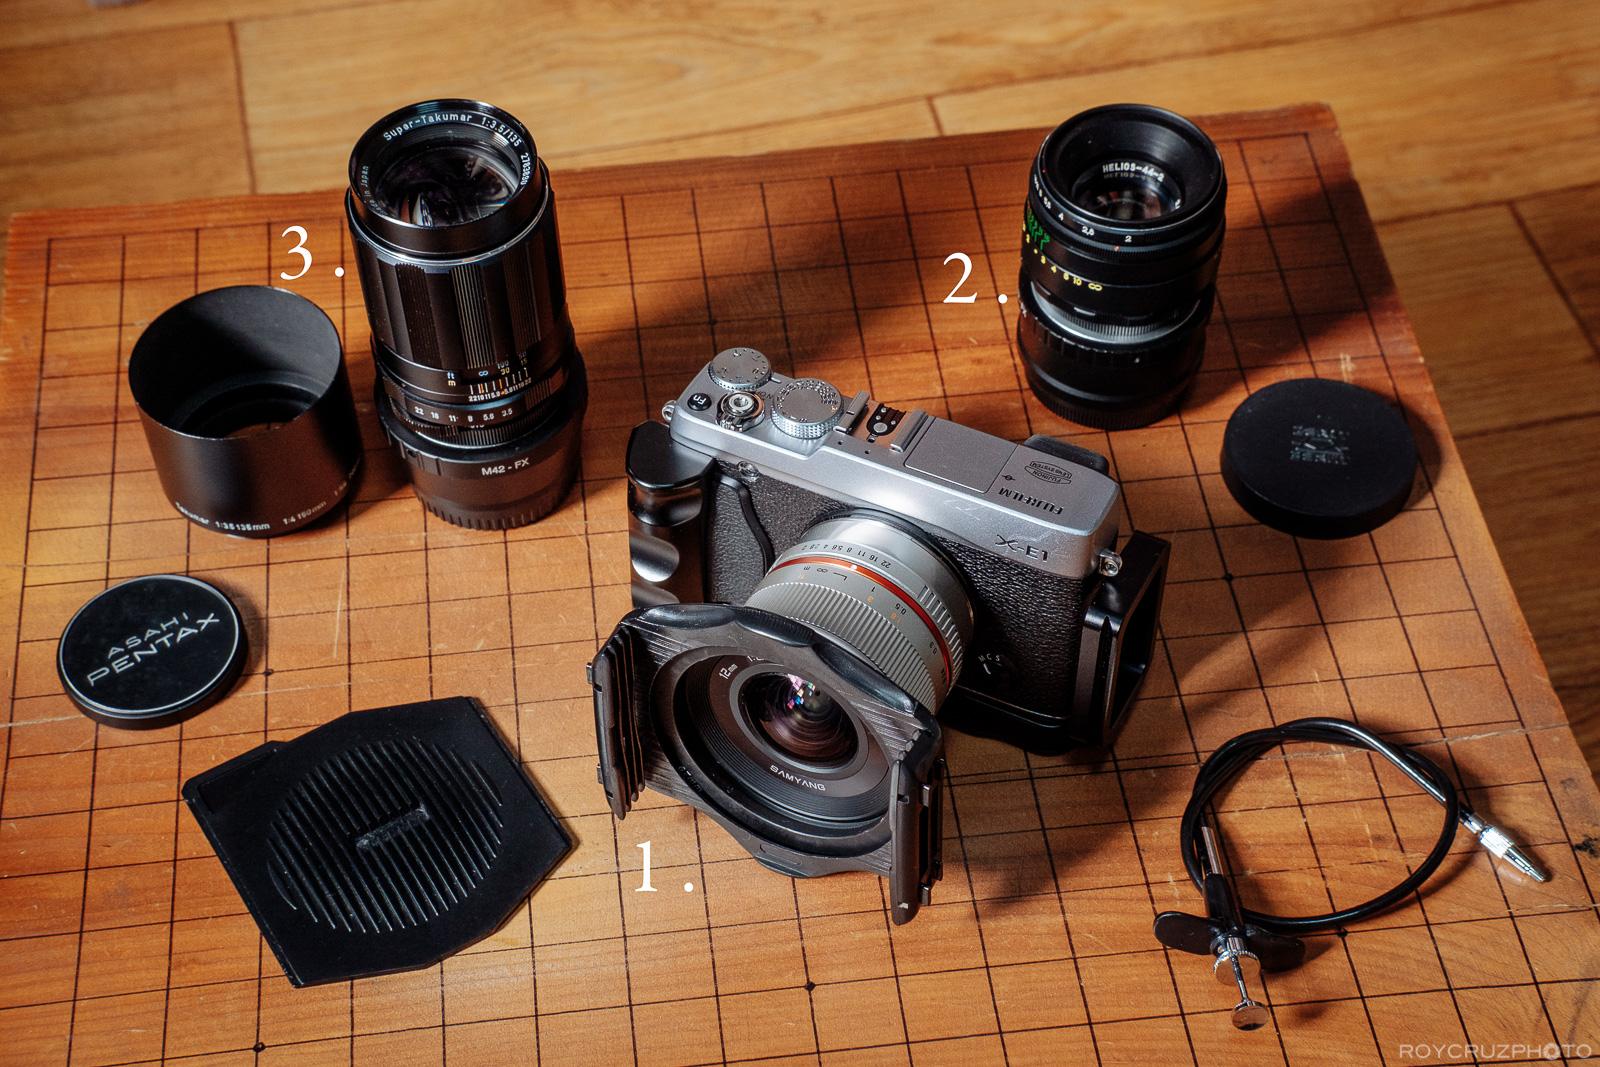 Manual Samyang M42 Lenses With Fuji X-1